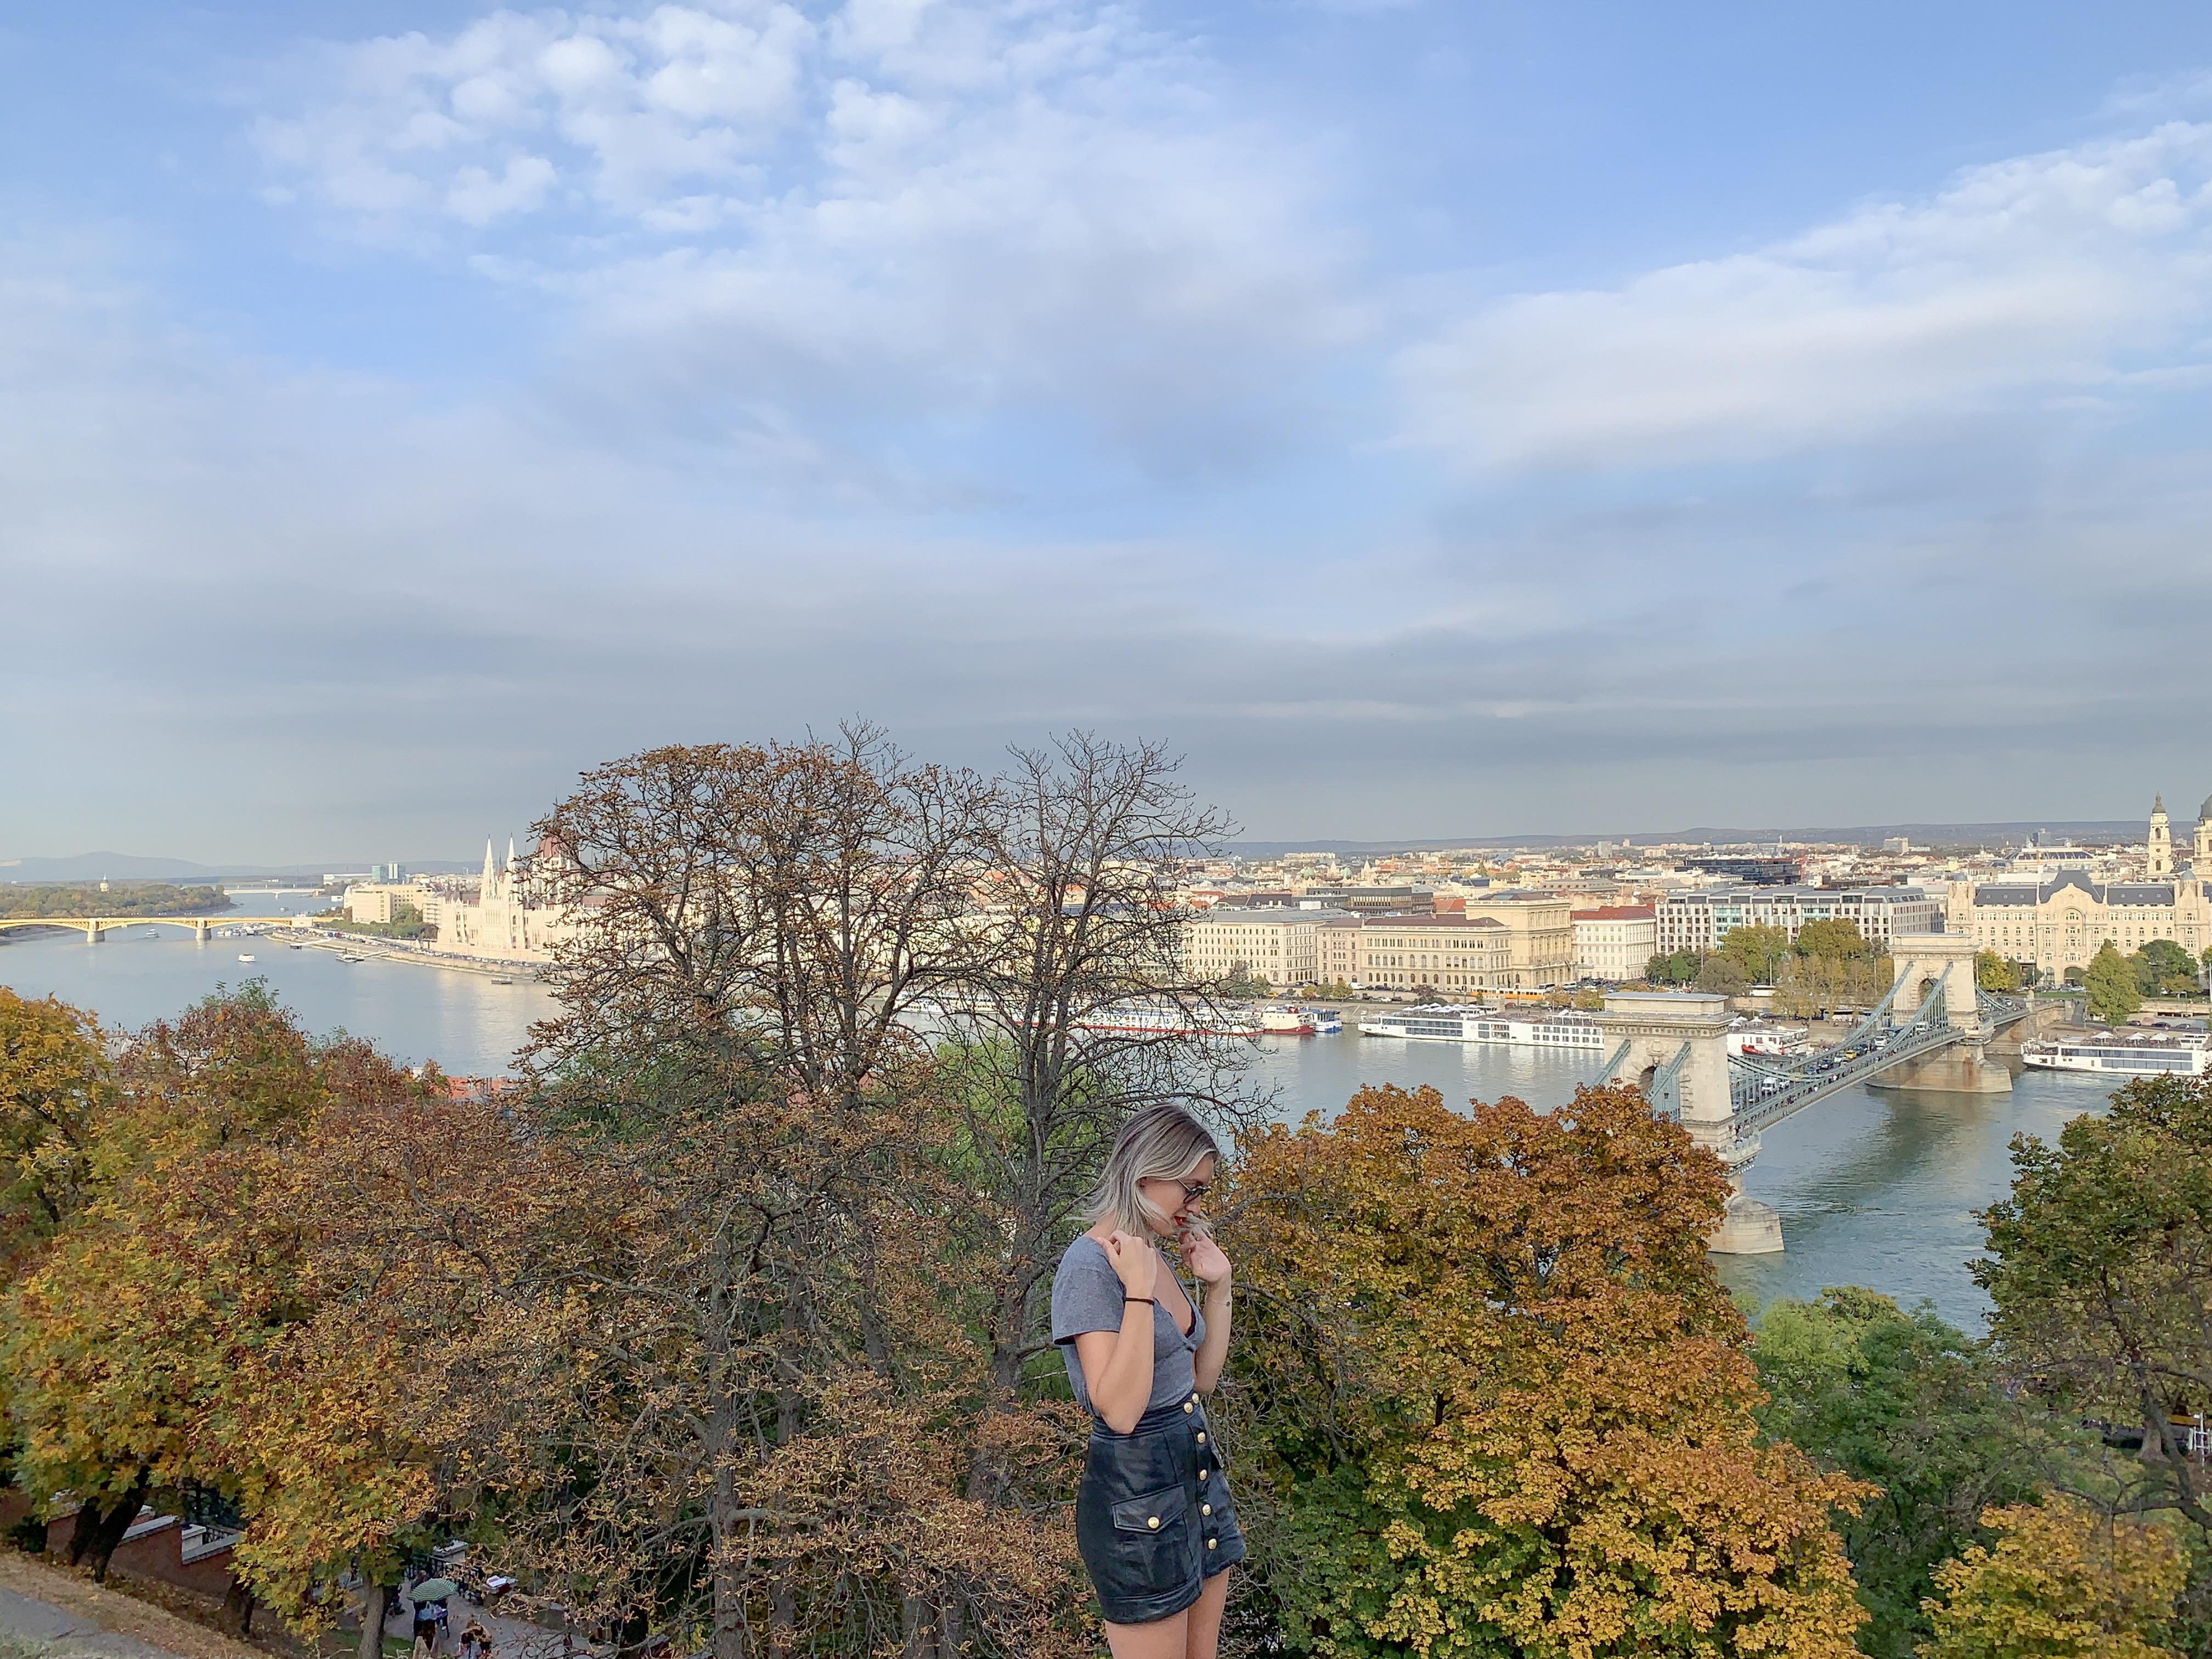 castelo de buda Budapeste - Buda Castle